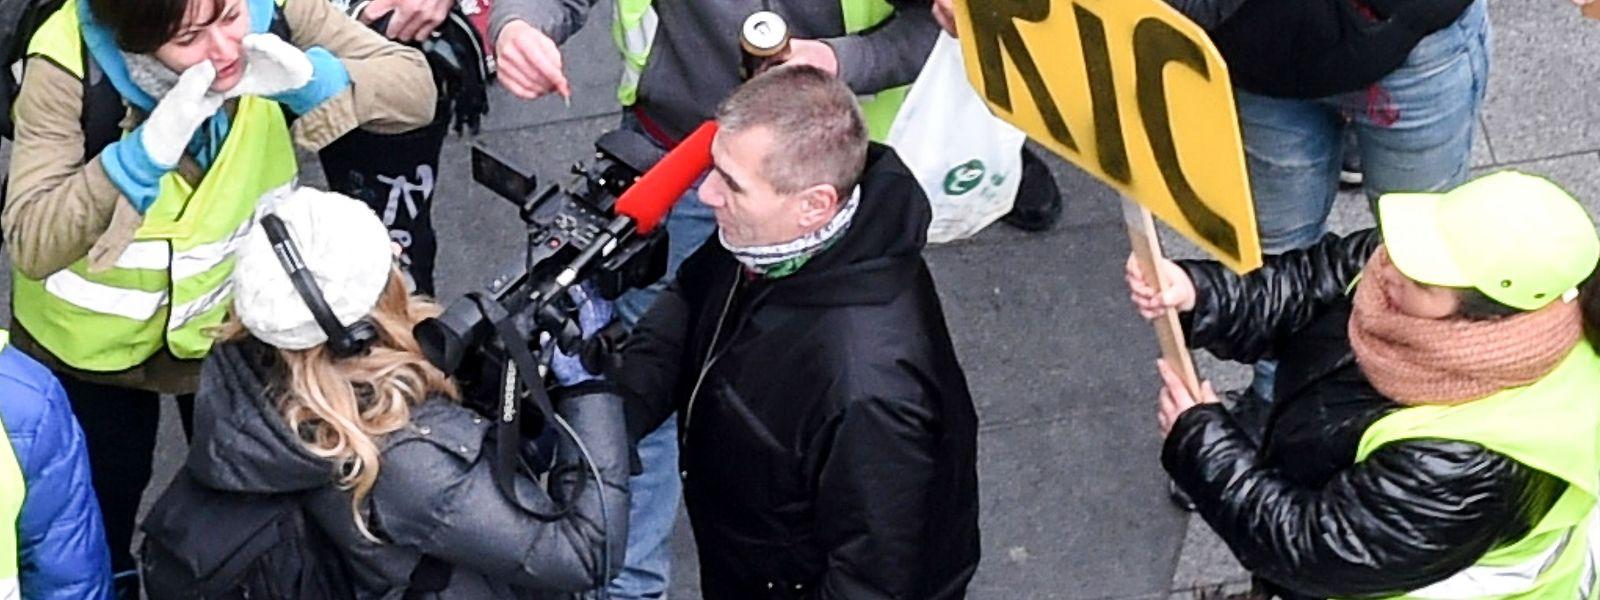 """Der Journalistenberuf ist - wie hier bei den Protesten der """"Gilets jaunes"""" in Frankreich - nicht immer ungefährlich."""